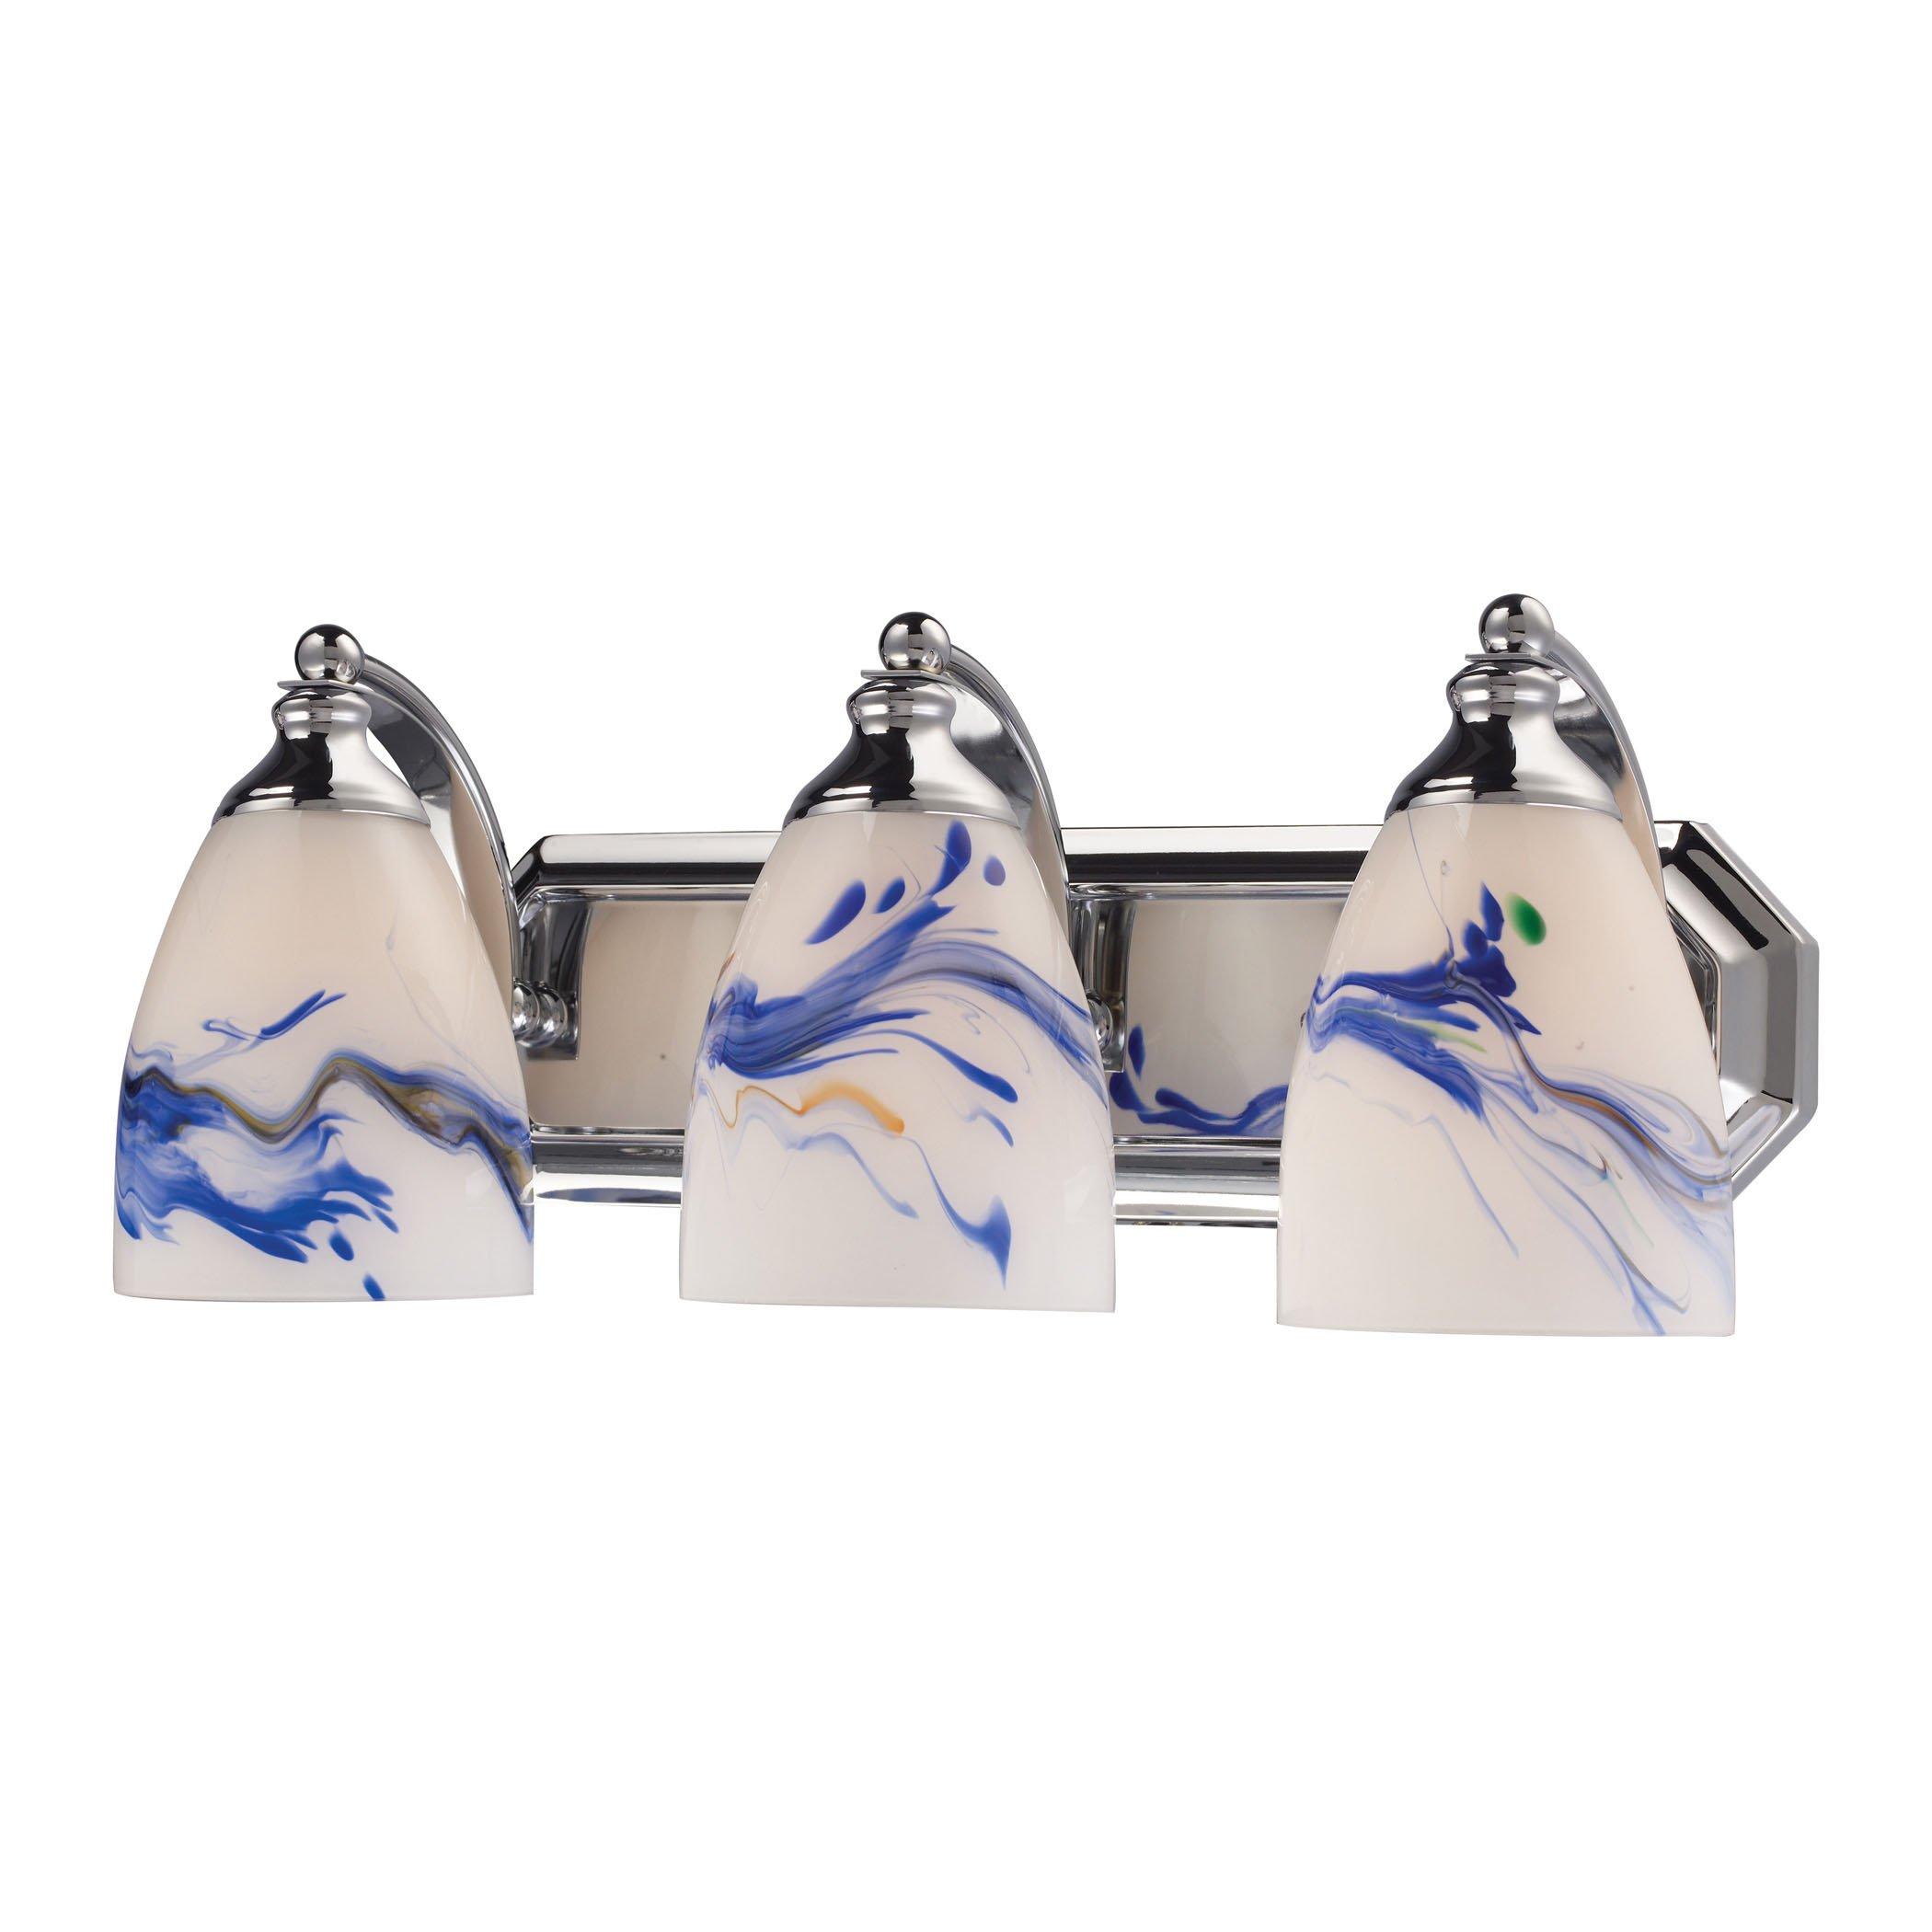 Elk Lighting Bath and Spa 3 Light Vanity Light in Polished Chrome by Elk Lighting (Image #1)